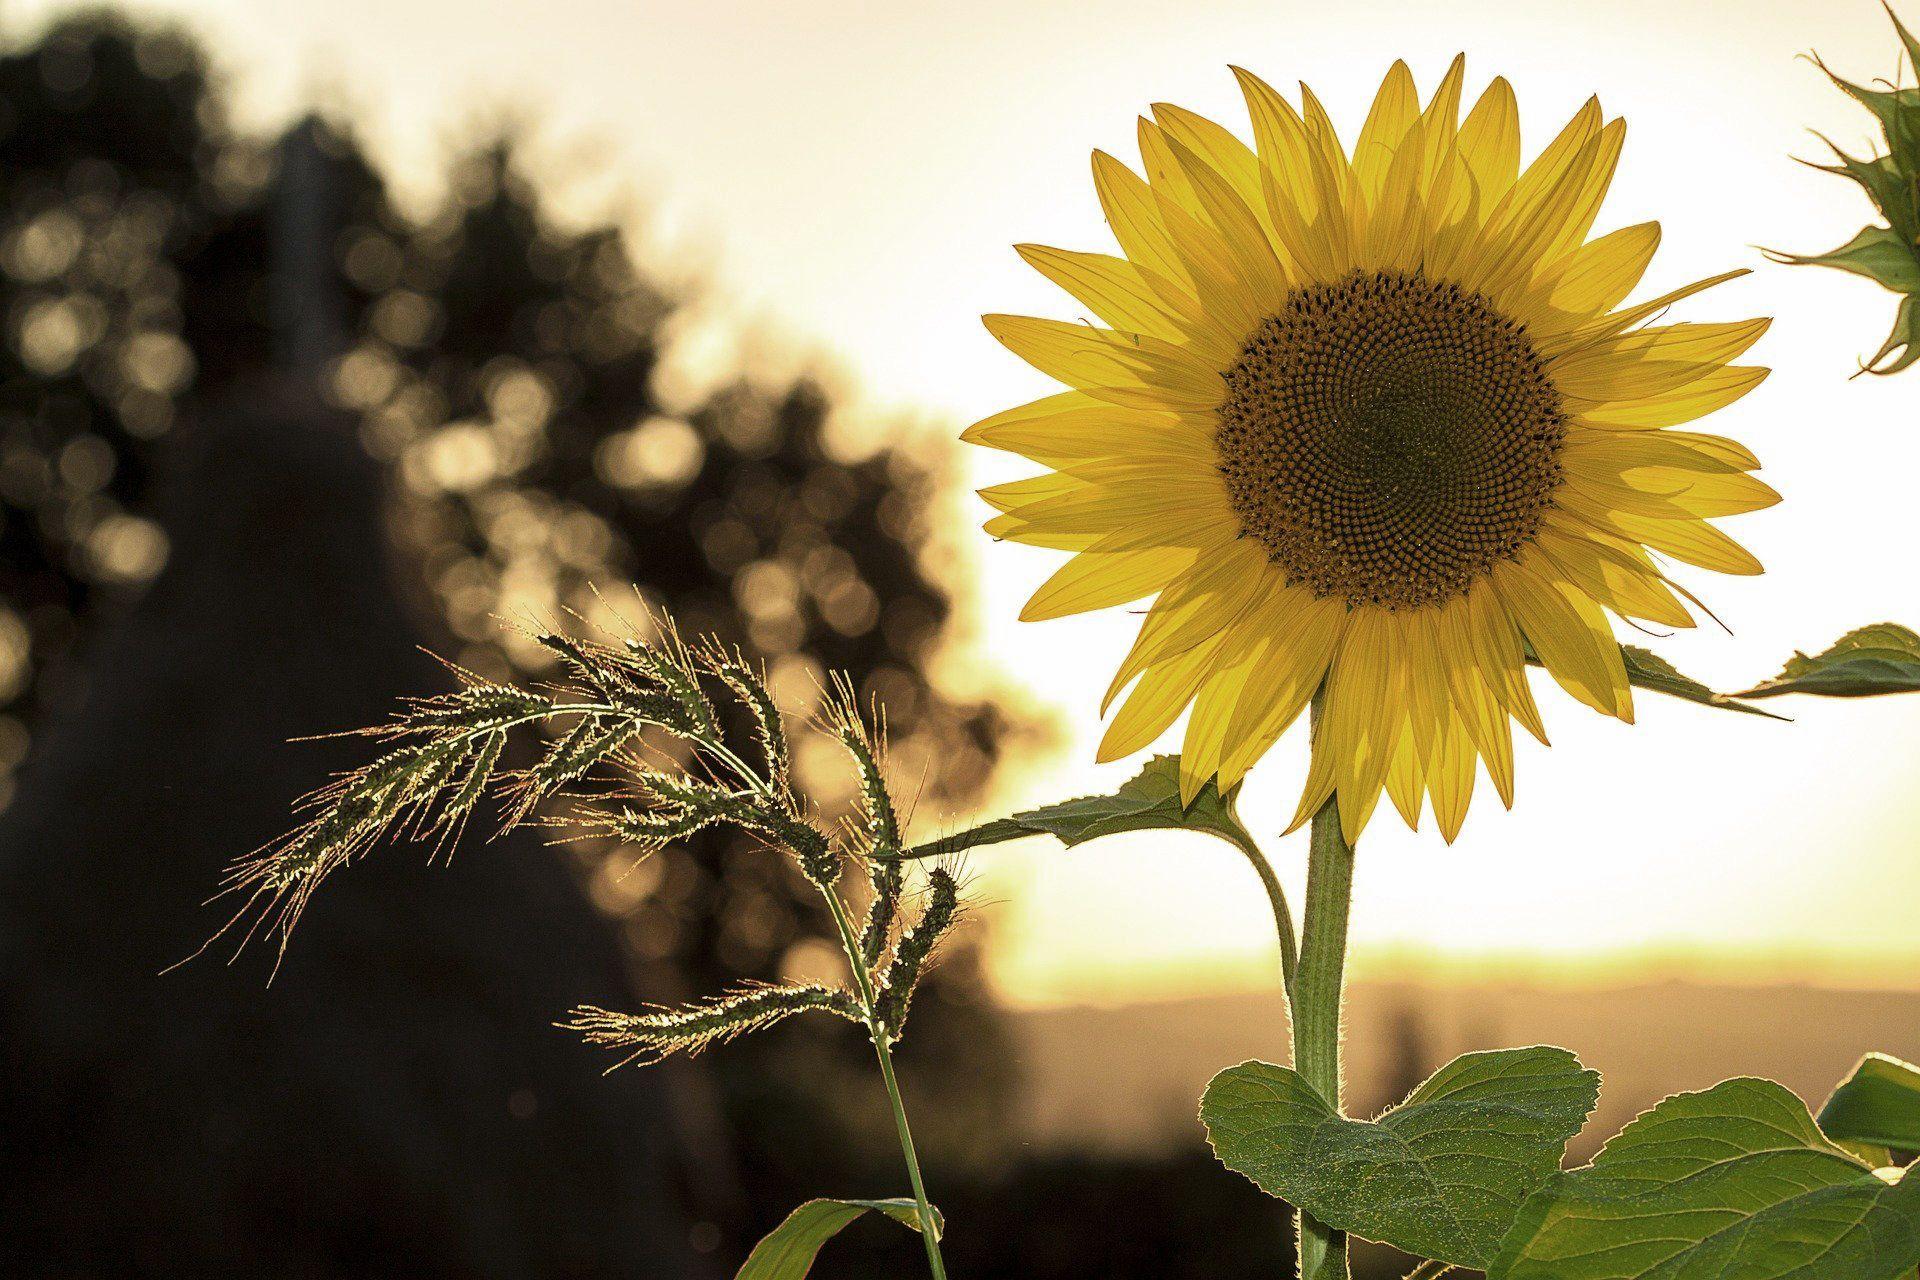 Eine Sonnenblume auf einem Feld in der Dämmerung